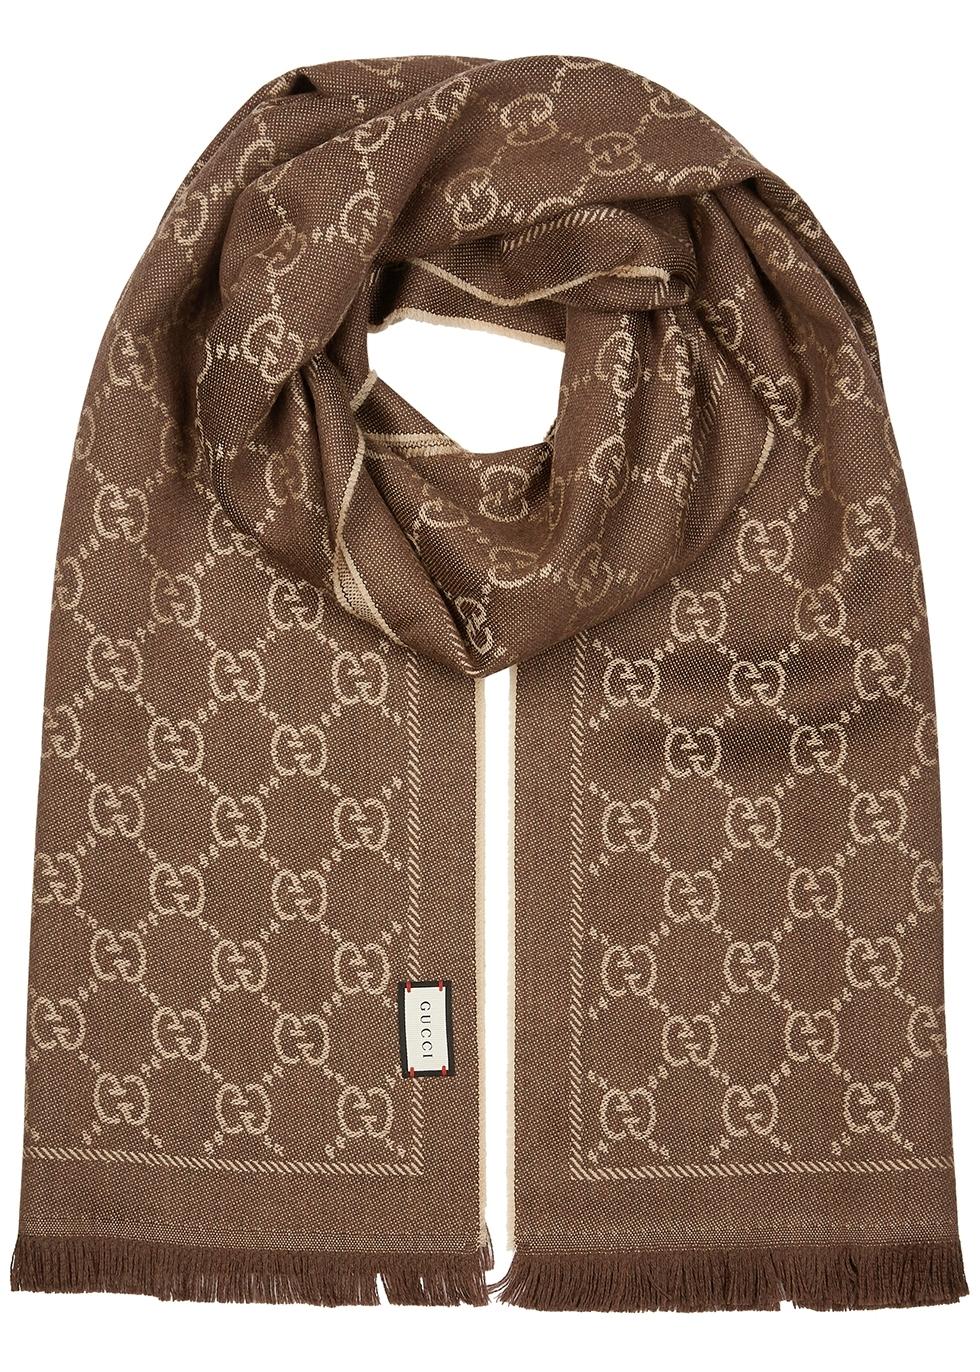 e7e9cce17 Women's Designer Scarves and Accessories - Harvey Nichols